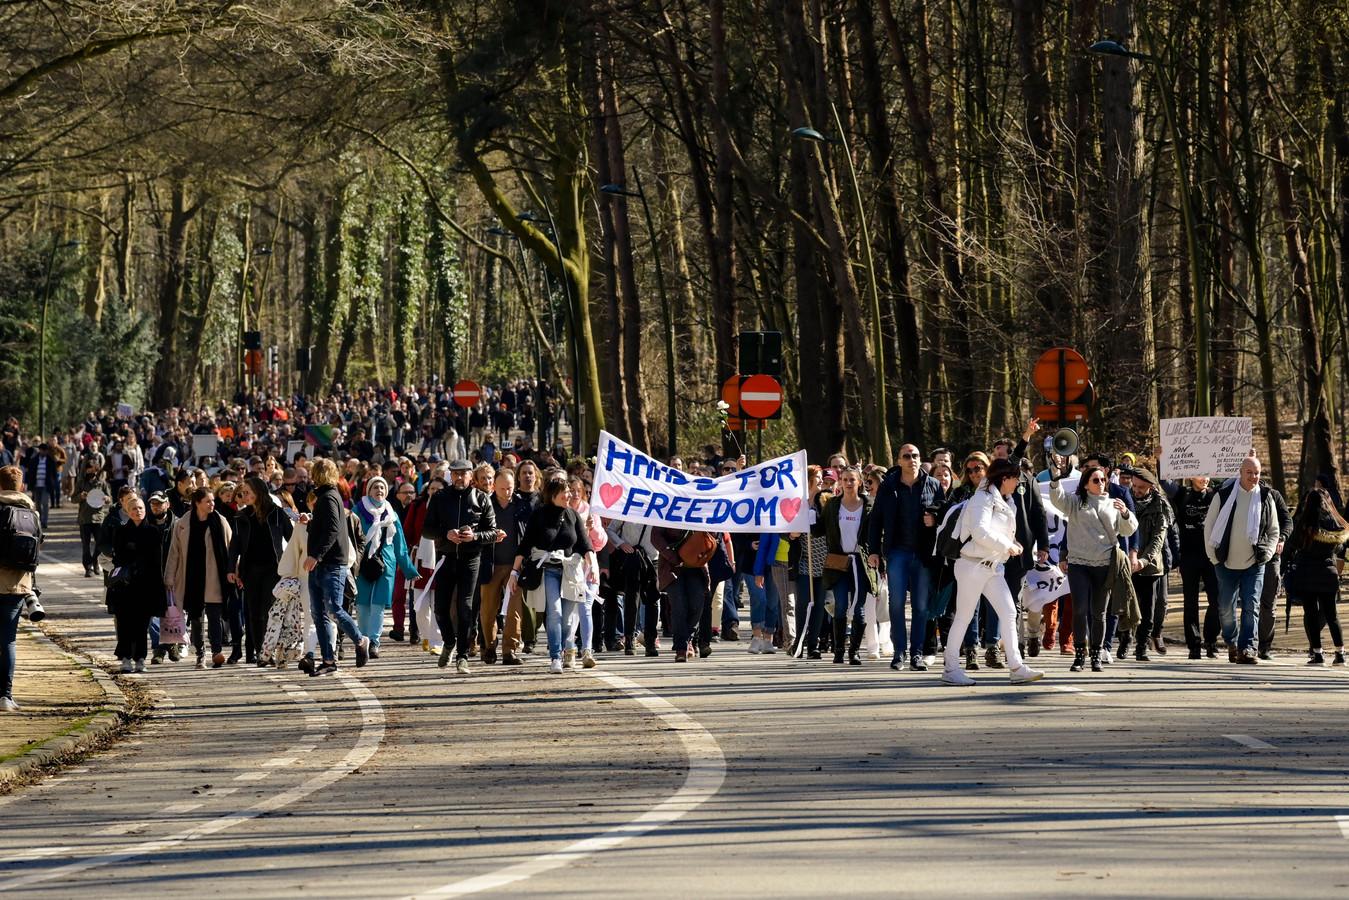 Manifestation contre les mesures sanitaire (Bruxelles, Bois de la Cambre, 20 mars)